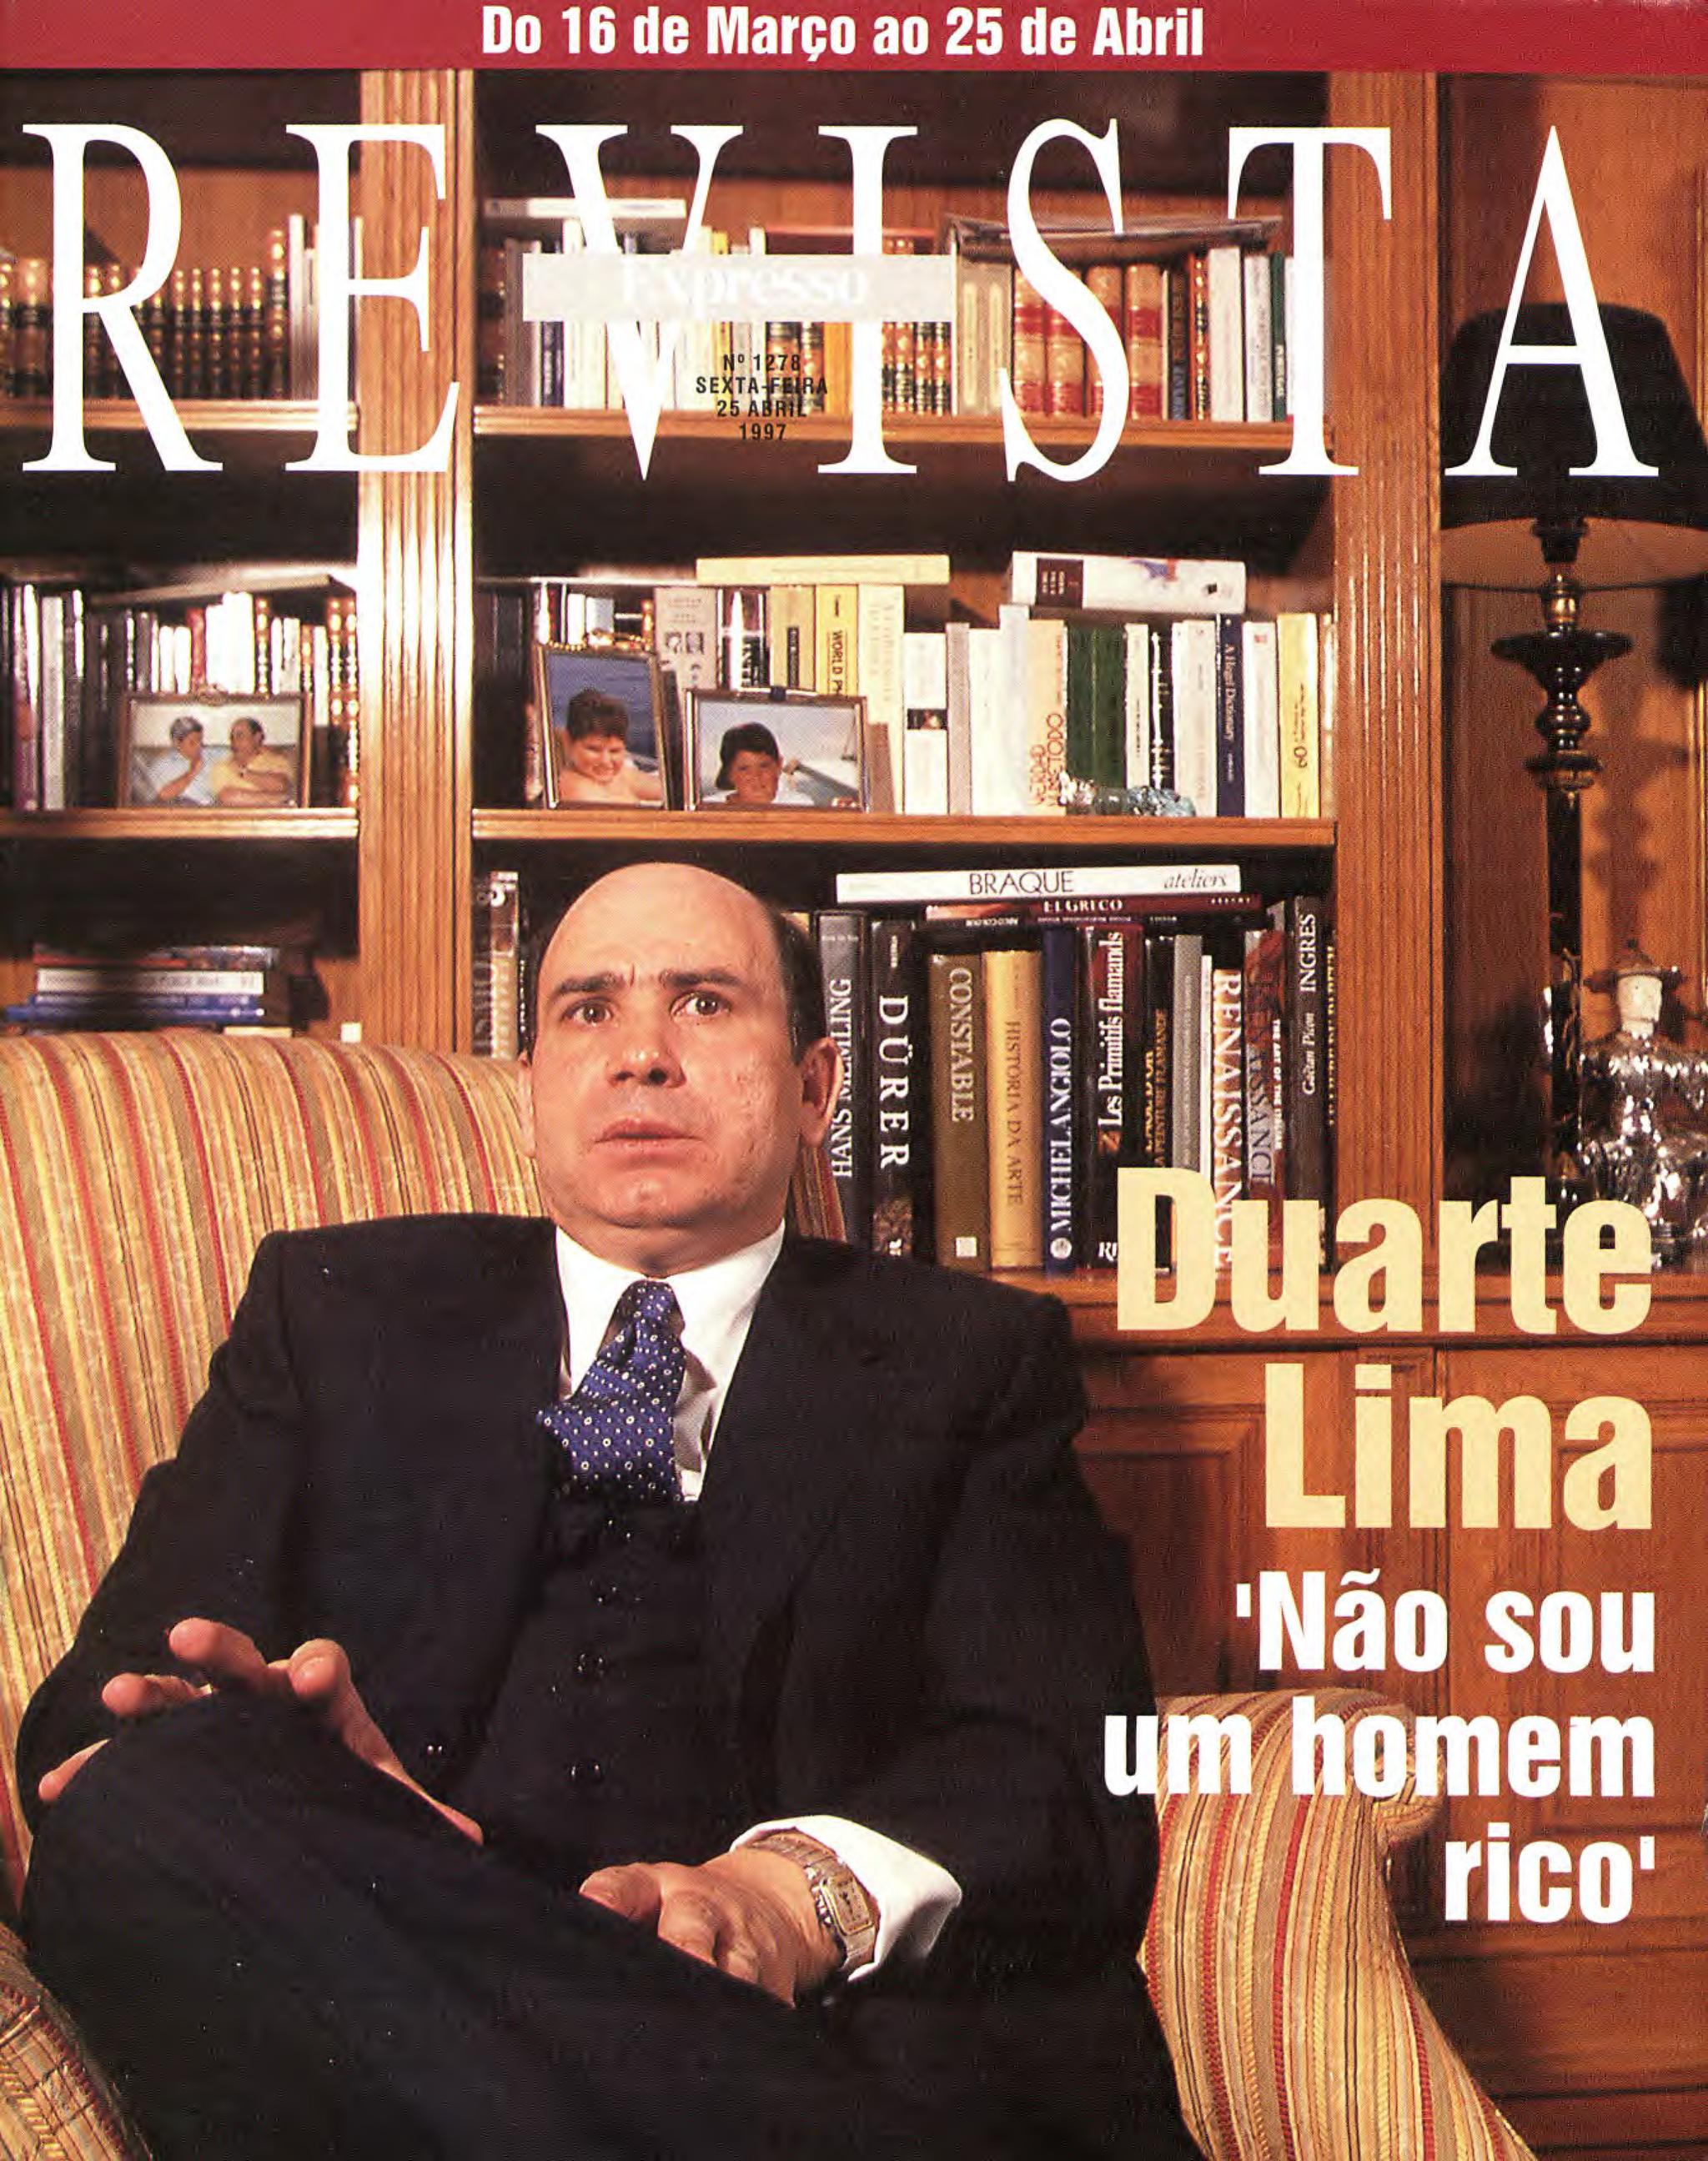 QuandoDuarte Limanão era rico... E quasenos faziaacreditarnisso